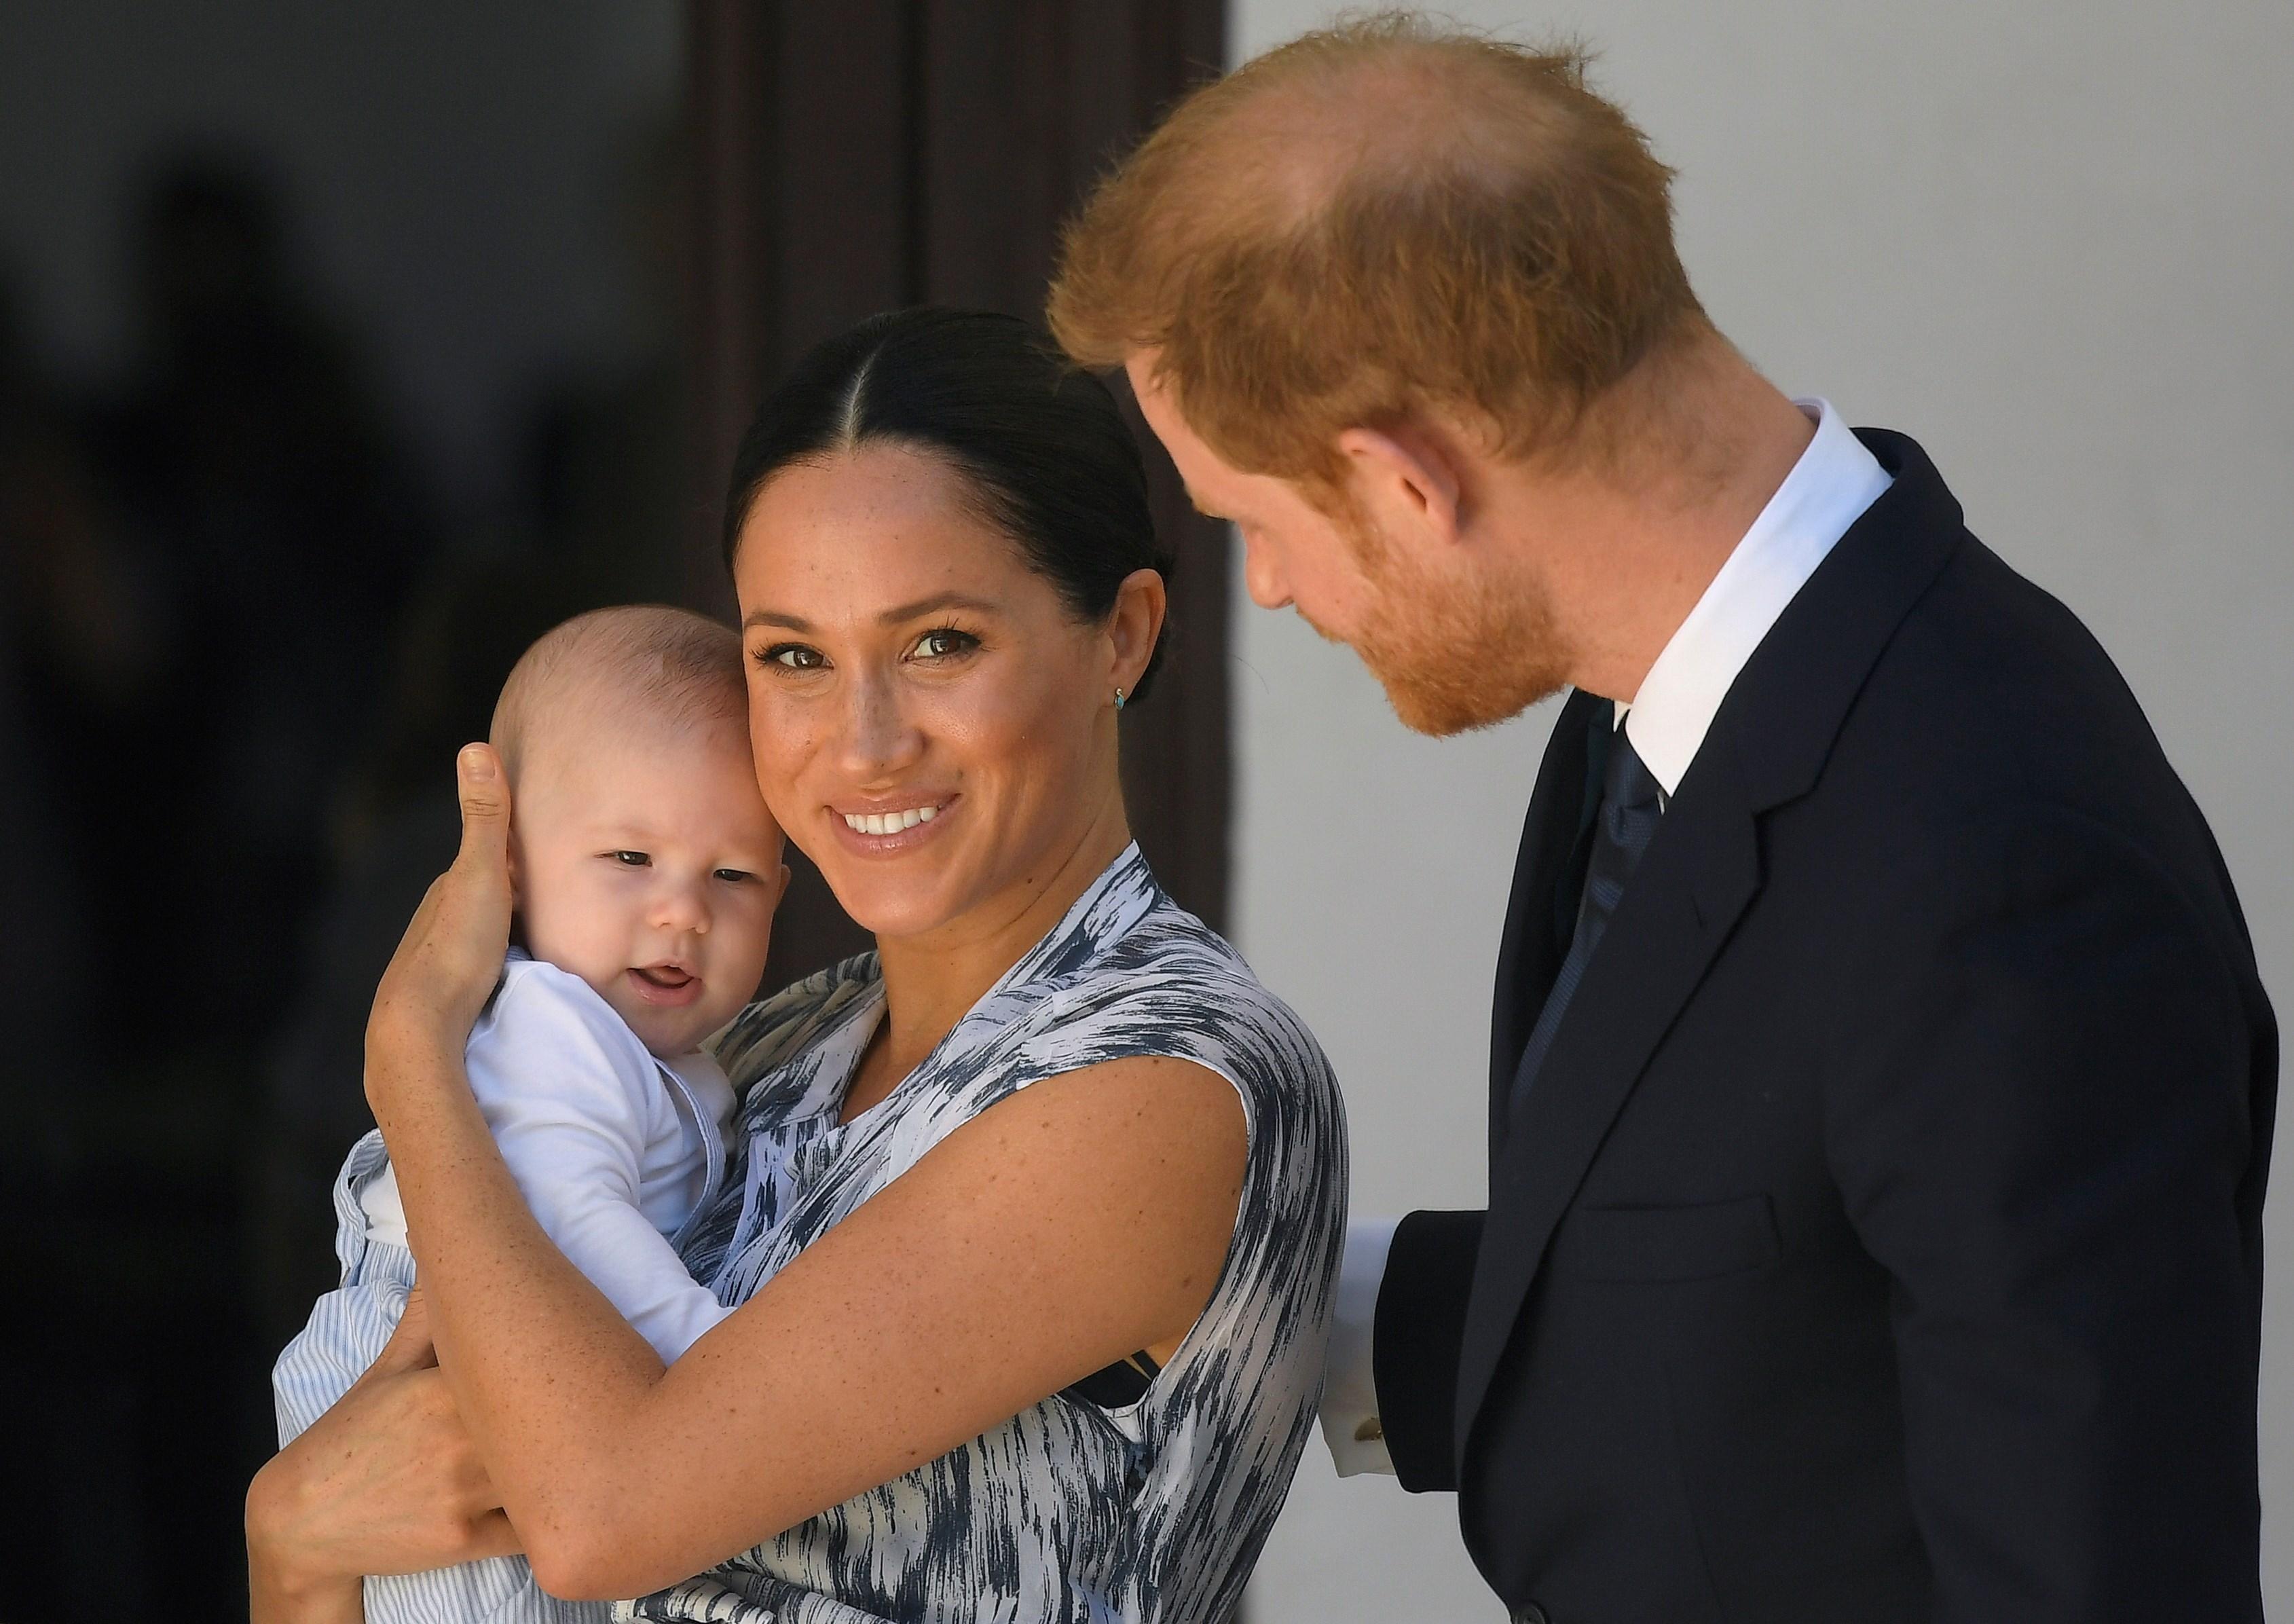 En noviembre de 2019, Meghan y Harry anunciaron que pasarían la Navidad lejos de la familia real. Semanas después se supo que el destino sería Canadá. (Archivo)